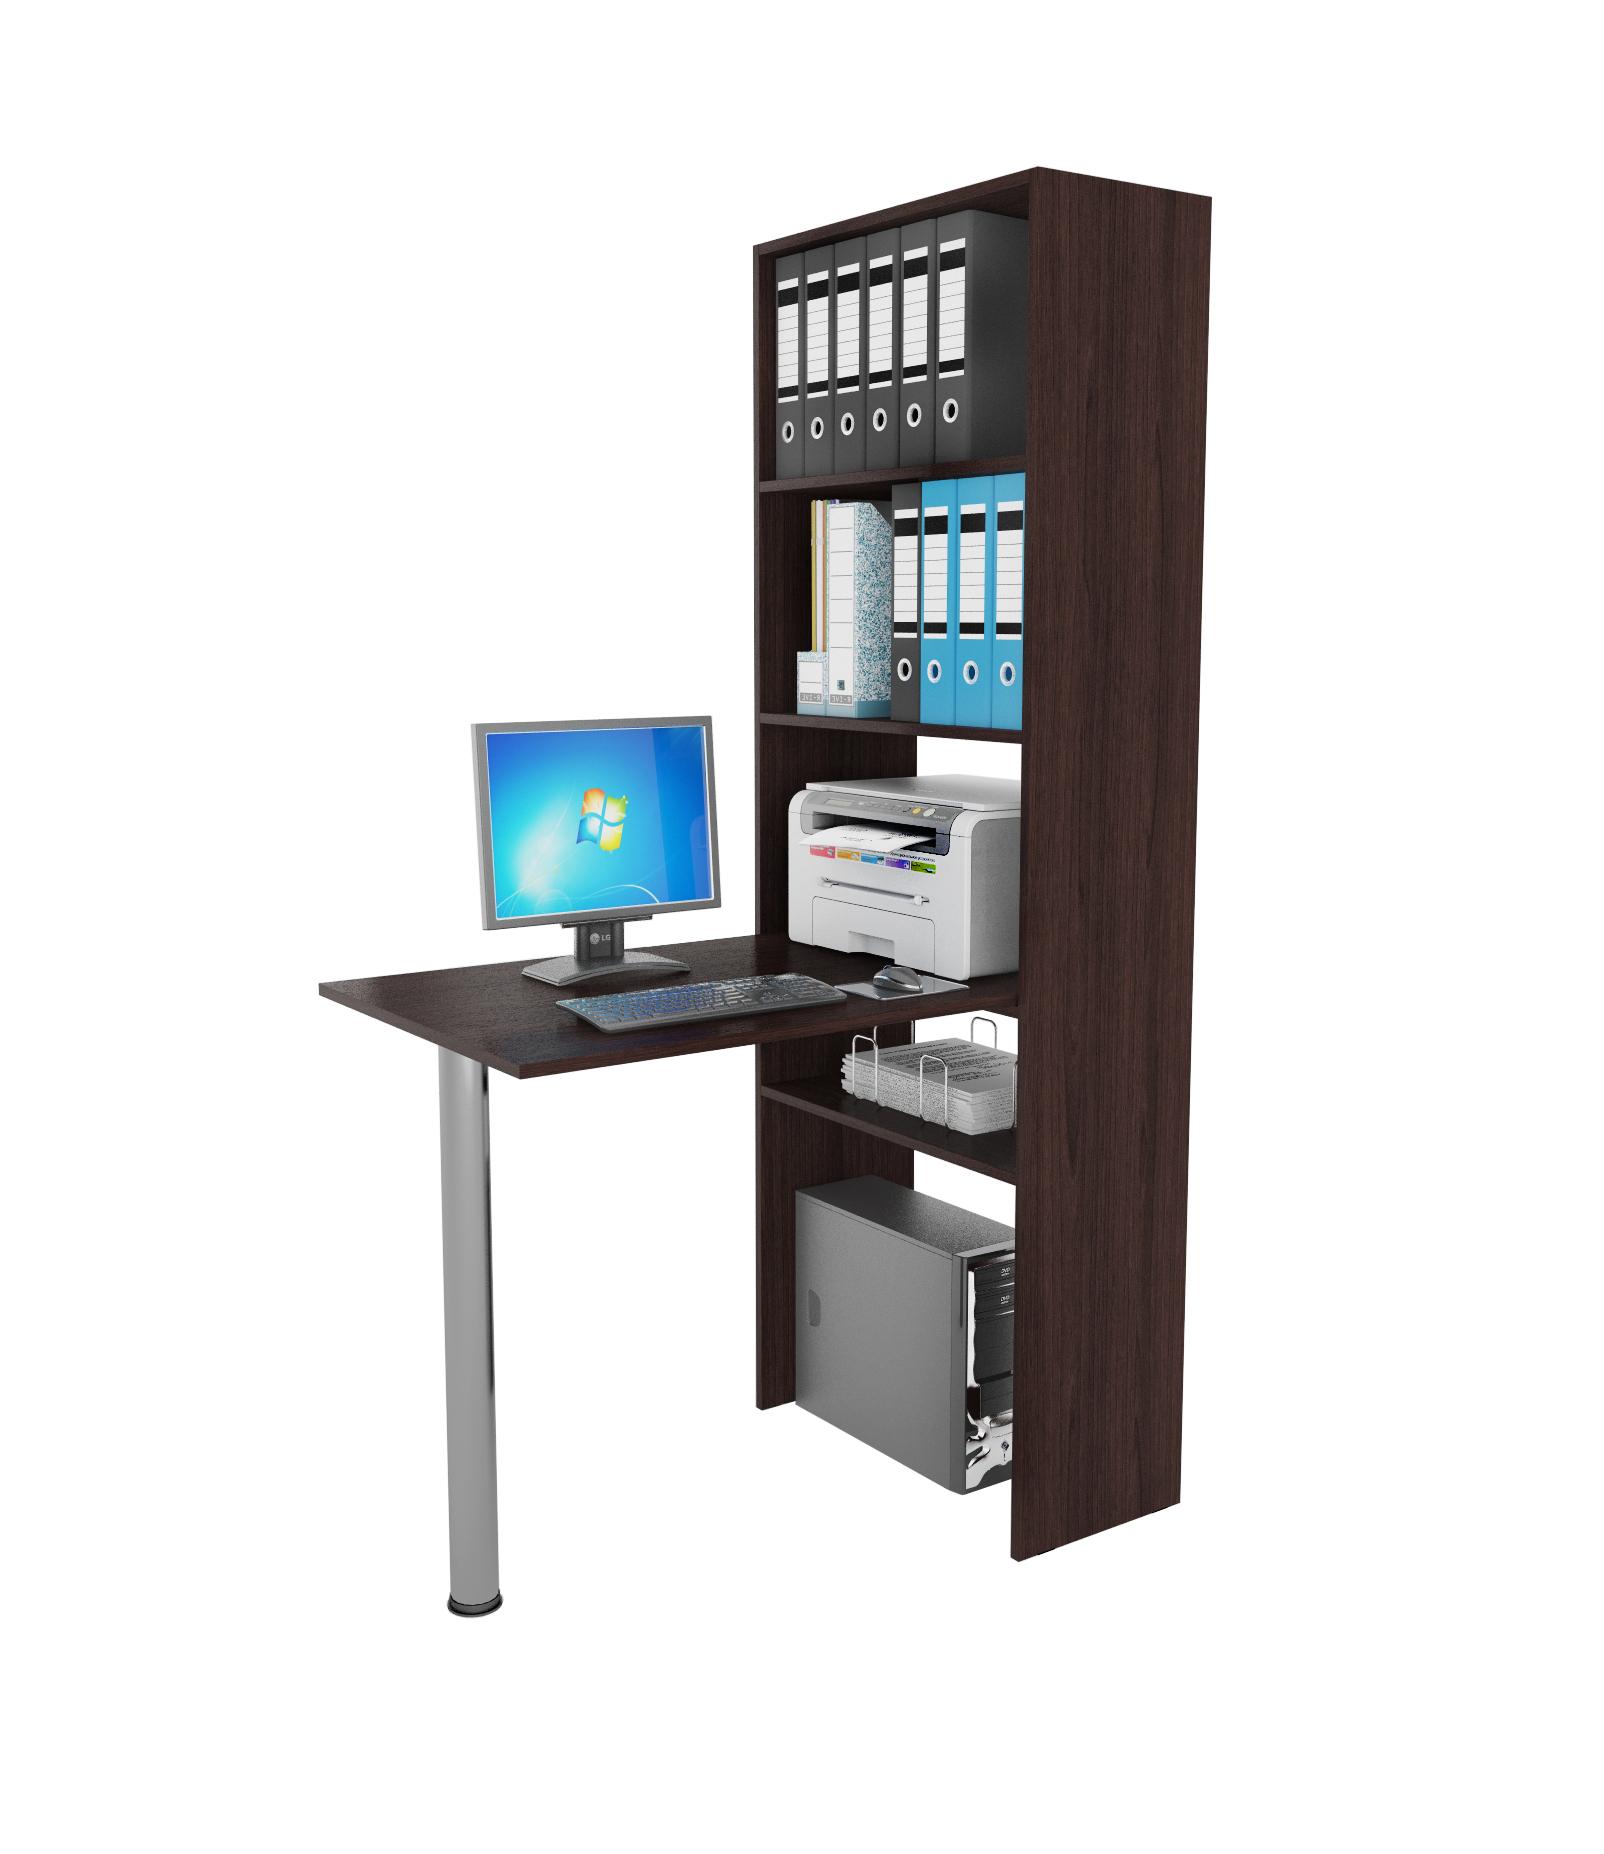 Компьютерный стол в комплекте МФ Мастер Рикс-4+Рикс-6 110x63,2x177, венге/хром